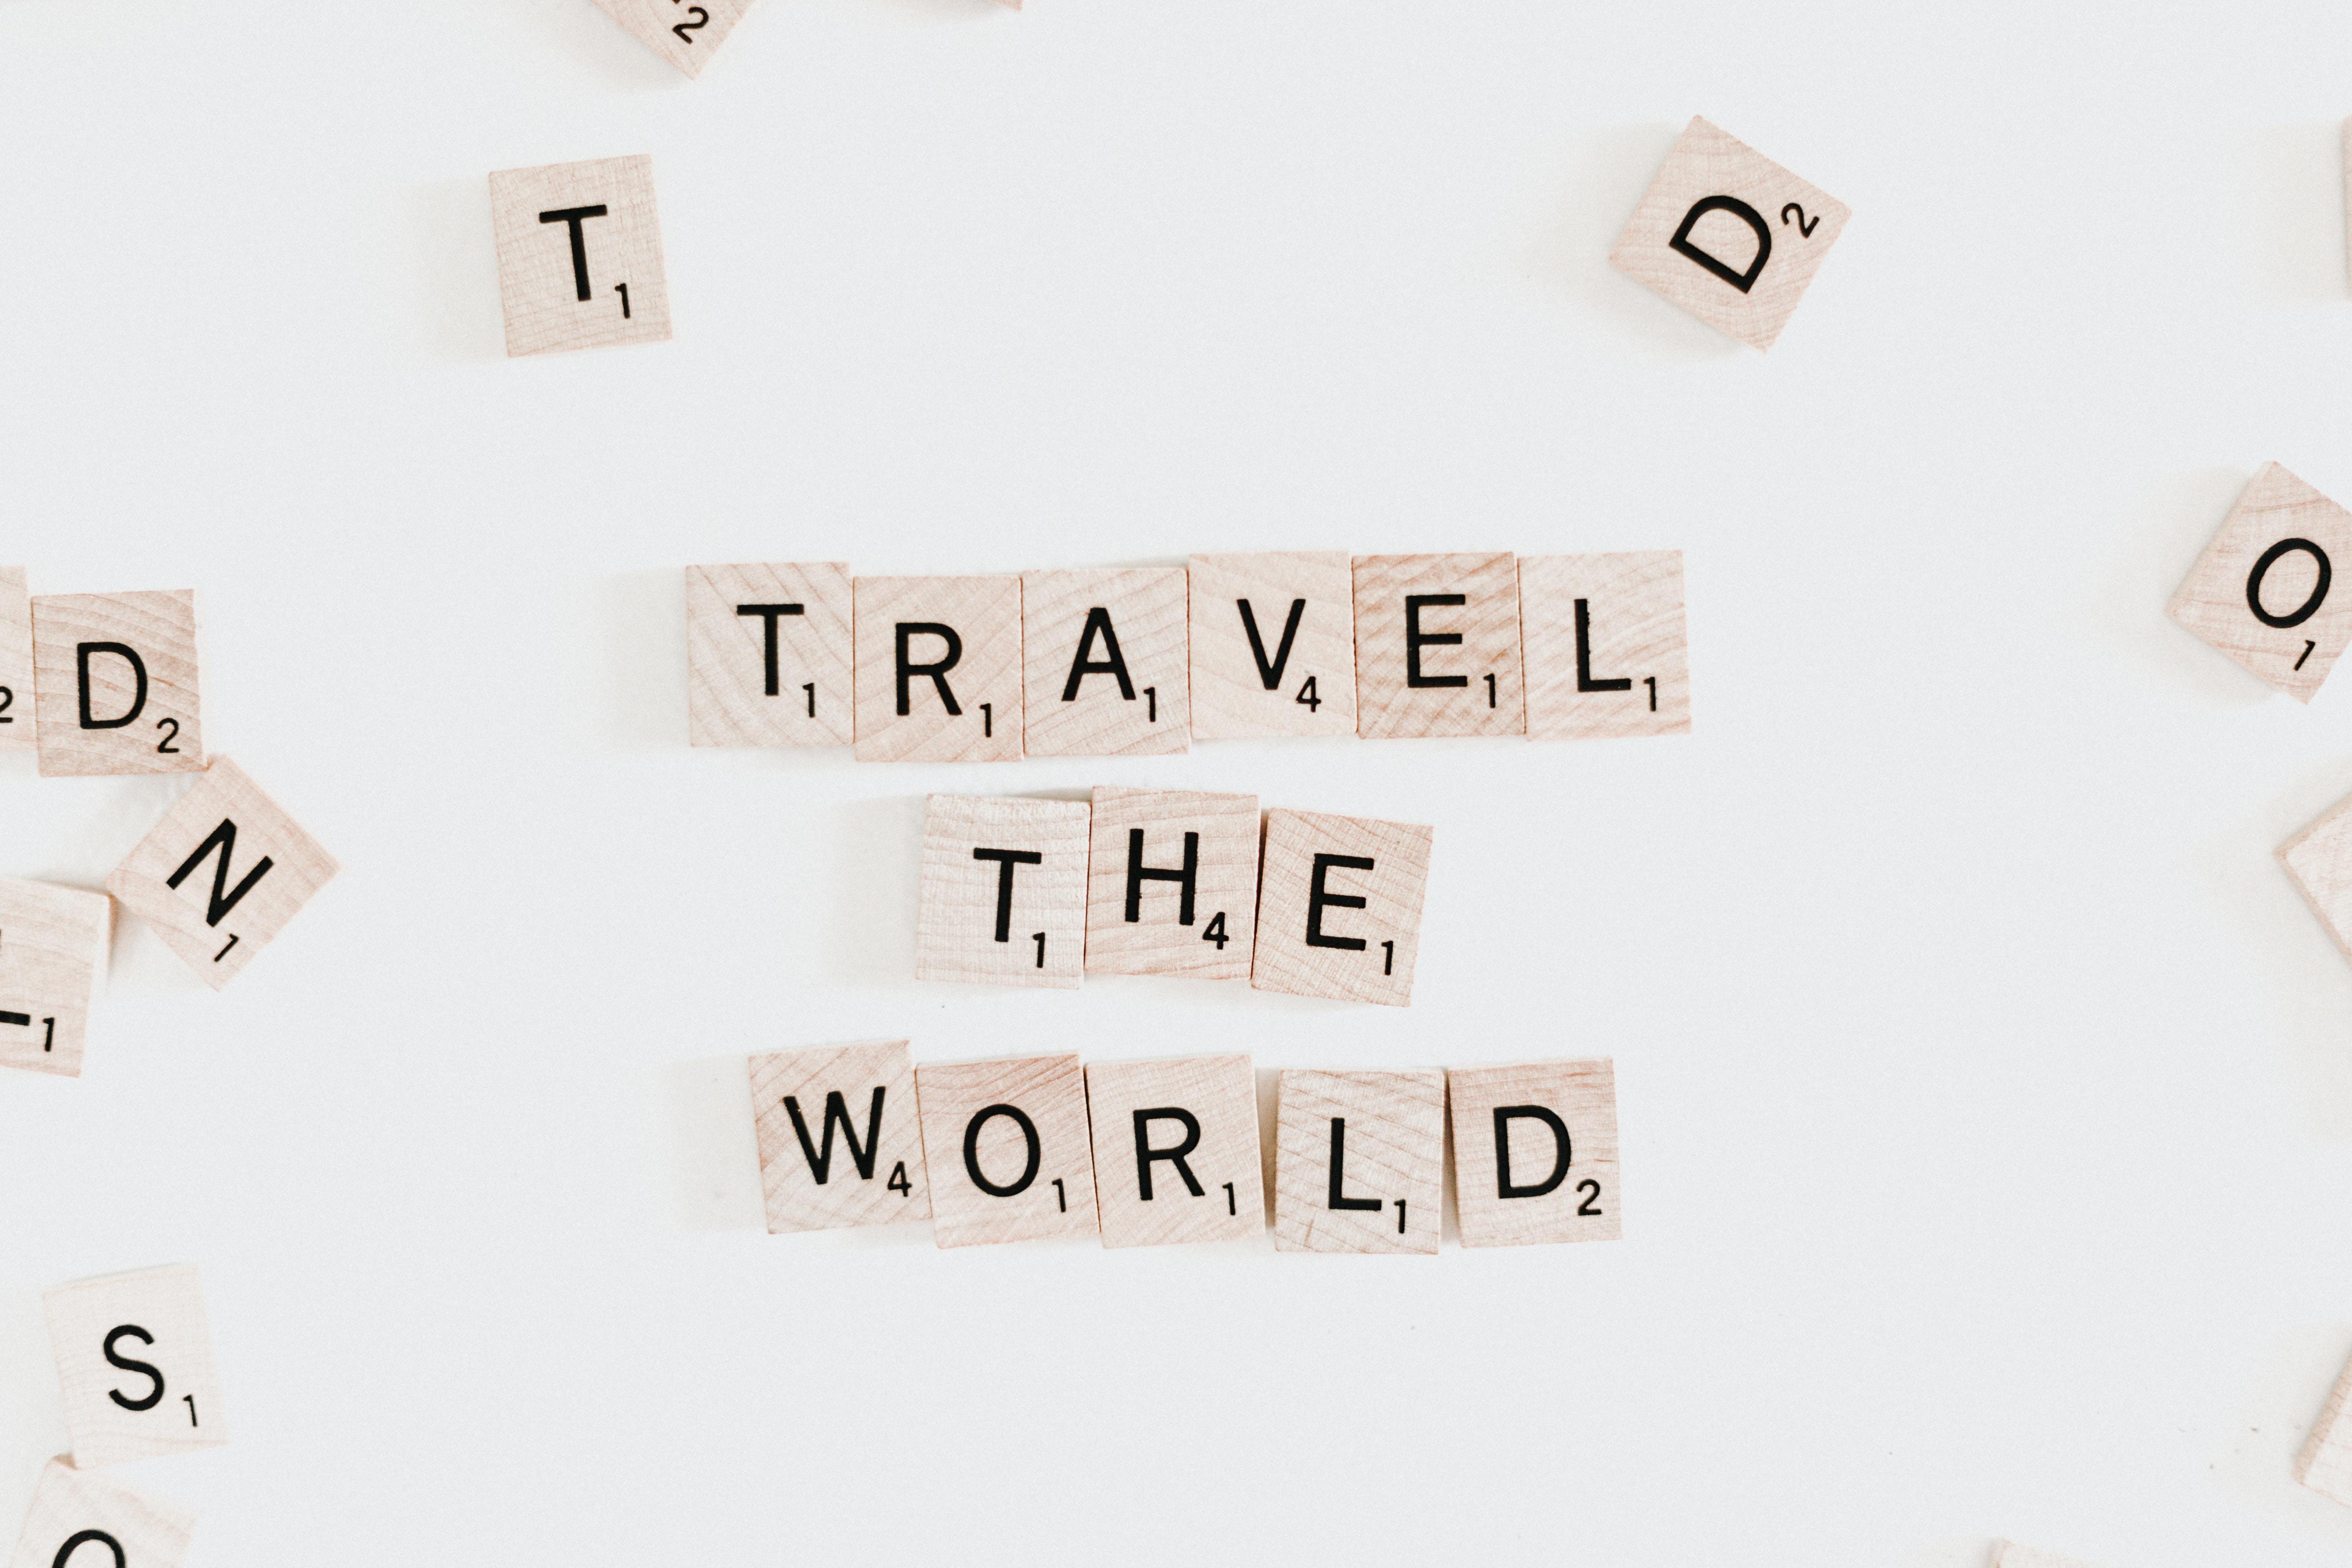 Orte die ich noch gerne besuchen möchte